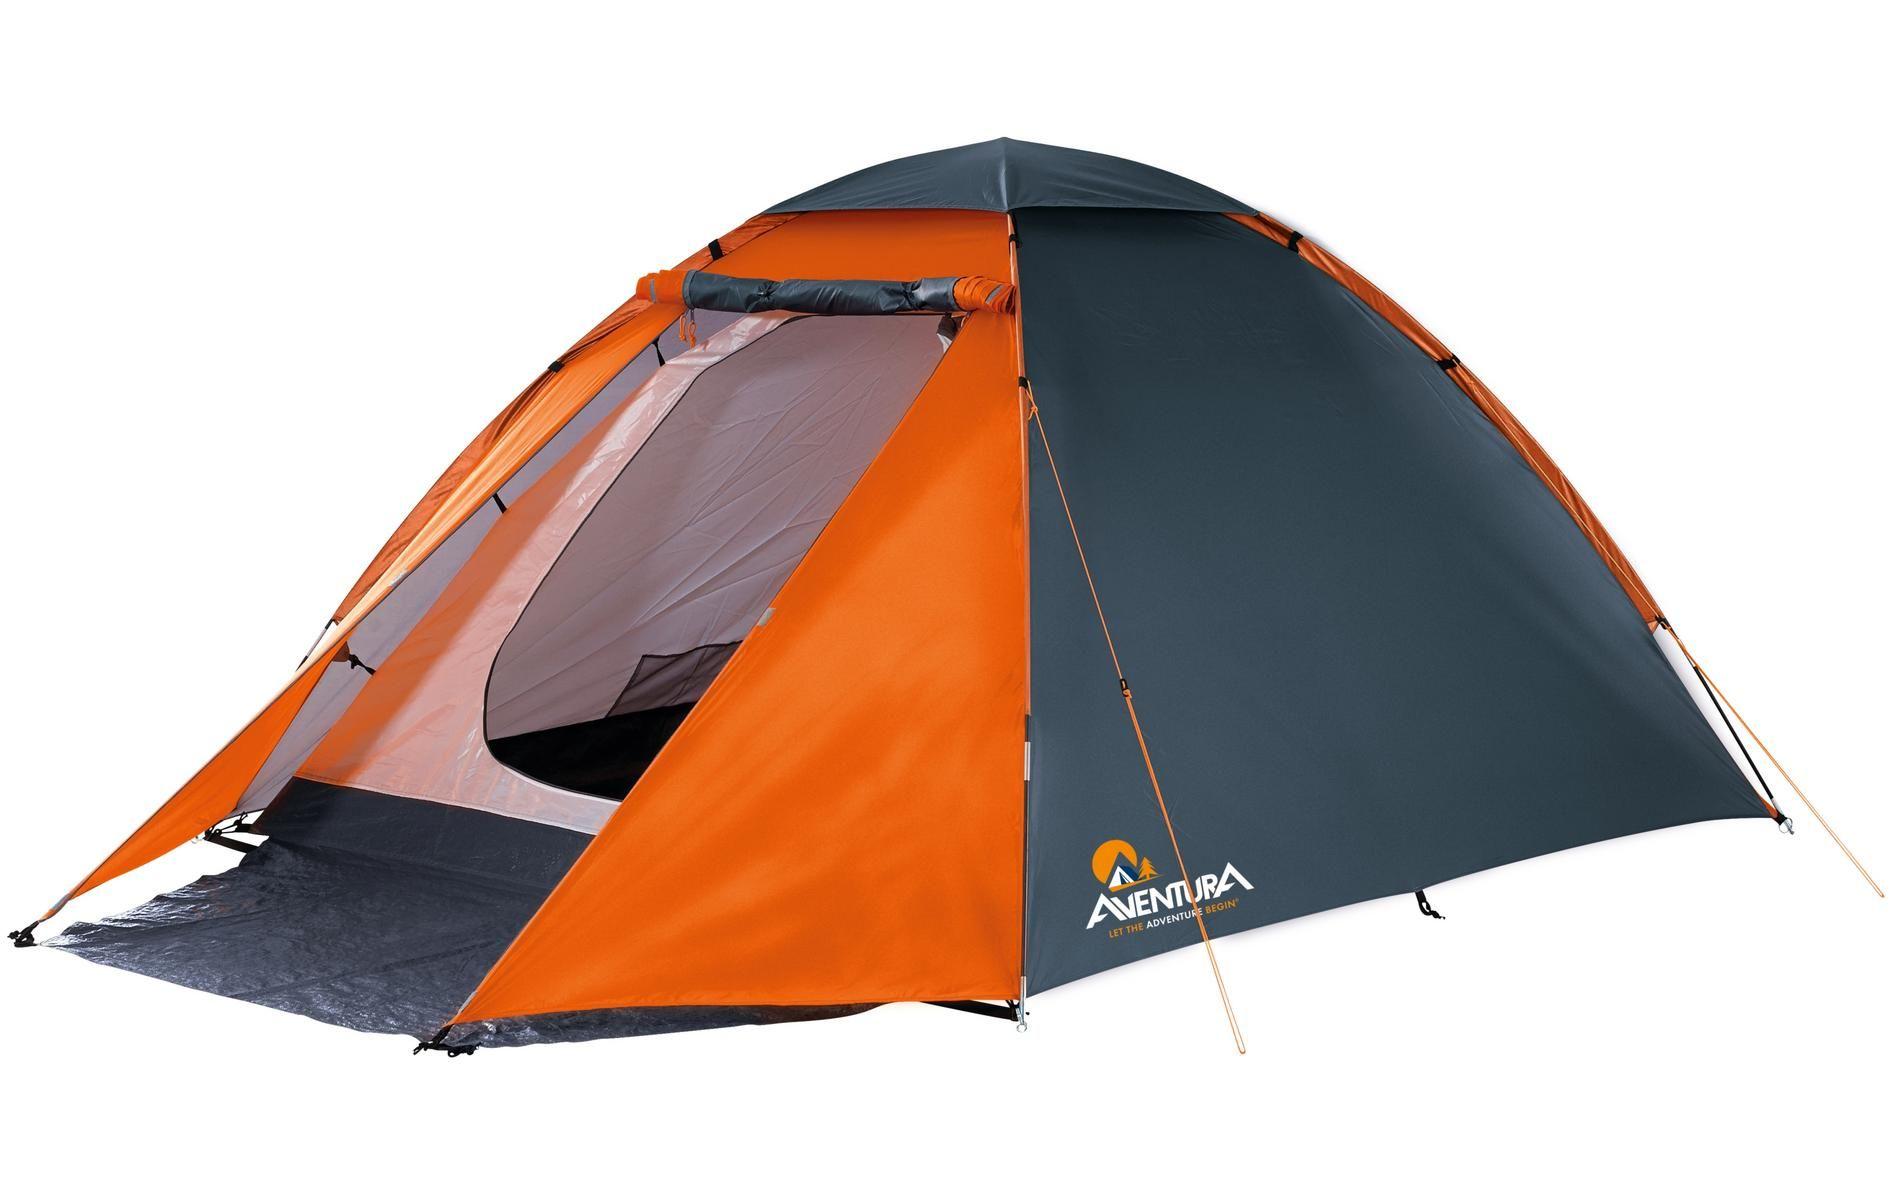 die besten 25 3 man tent ideen auf pinterest beste zelte f r camping 8 mann zelt und. Black Bedroom Furniture Sets. Home Design Ideas